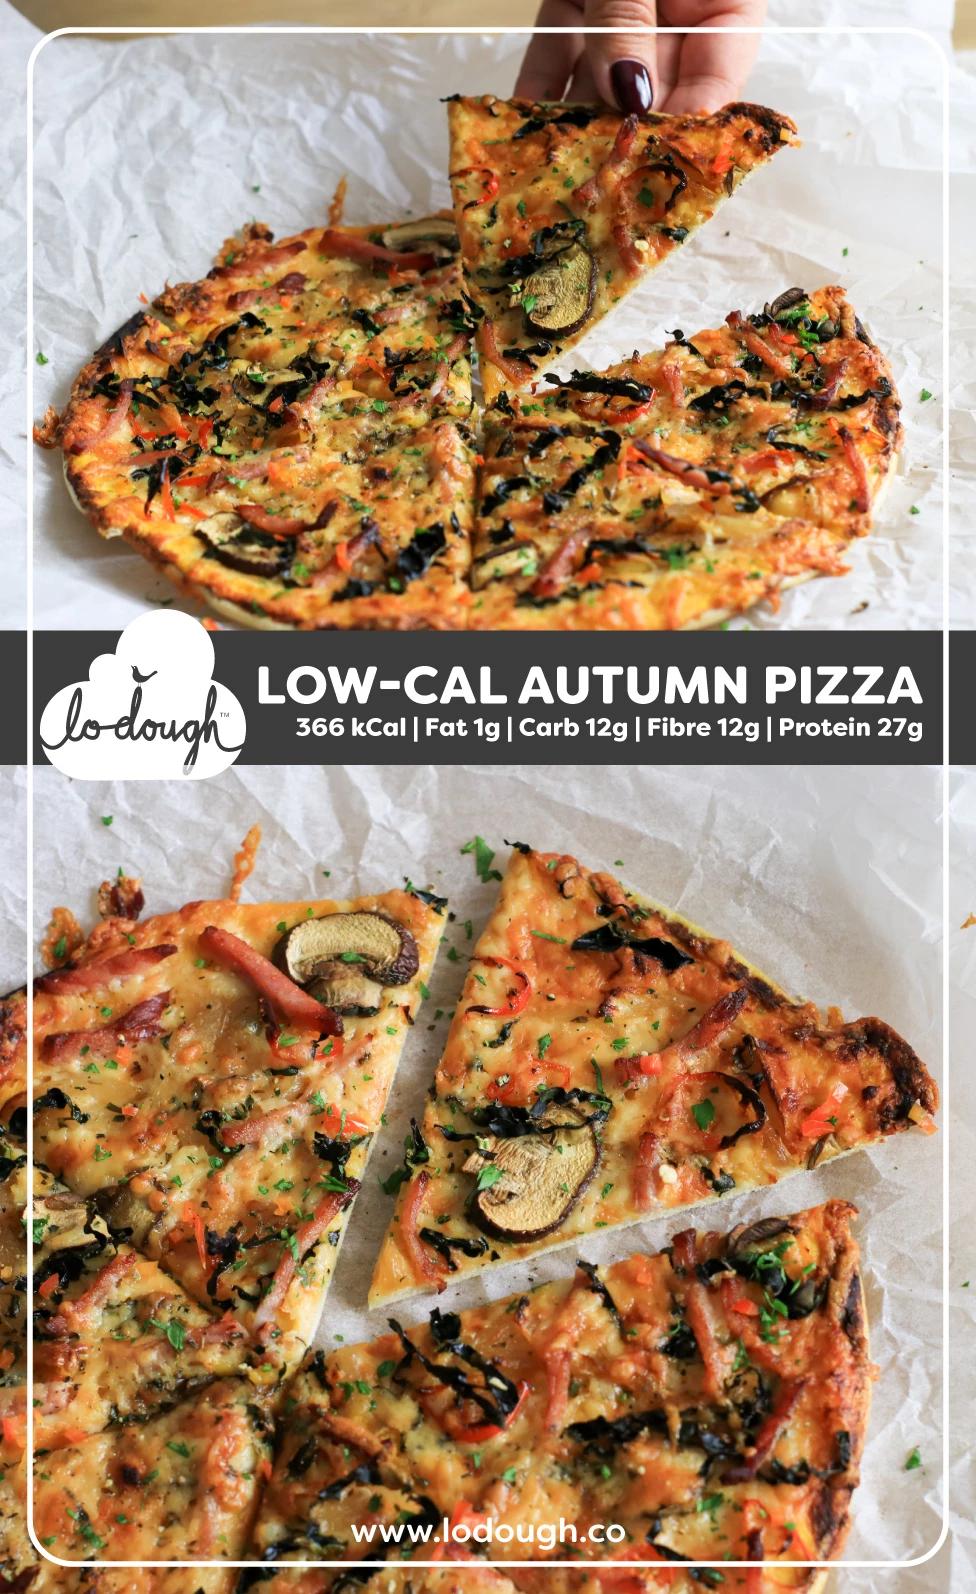 Low Cal Autumn Pizza Lo Dough Lowcalorie Lowcarb